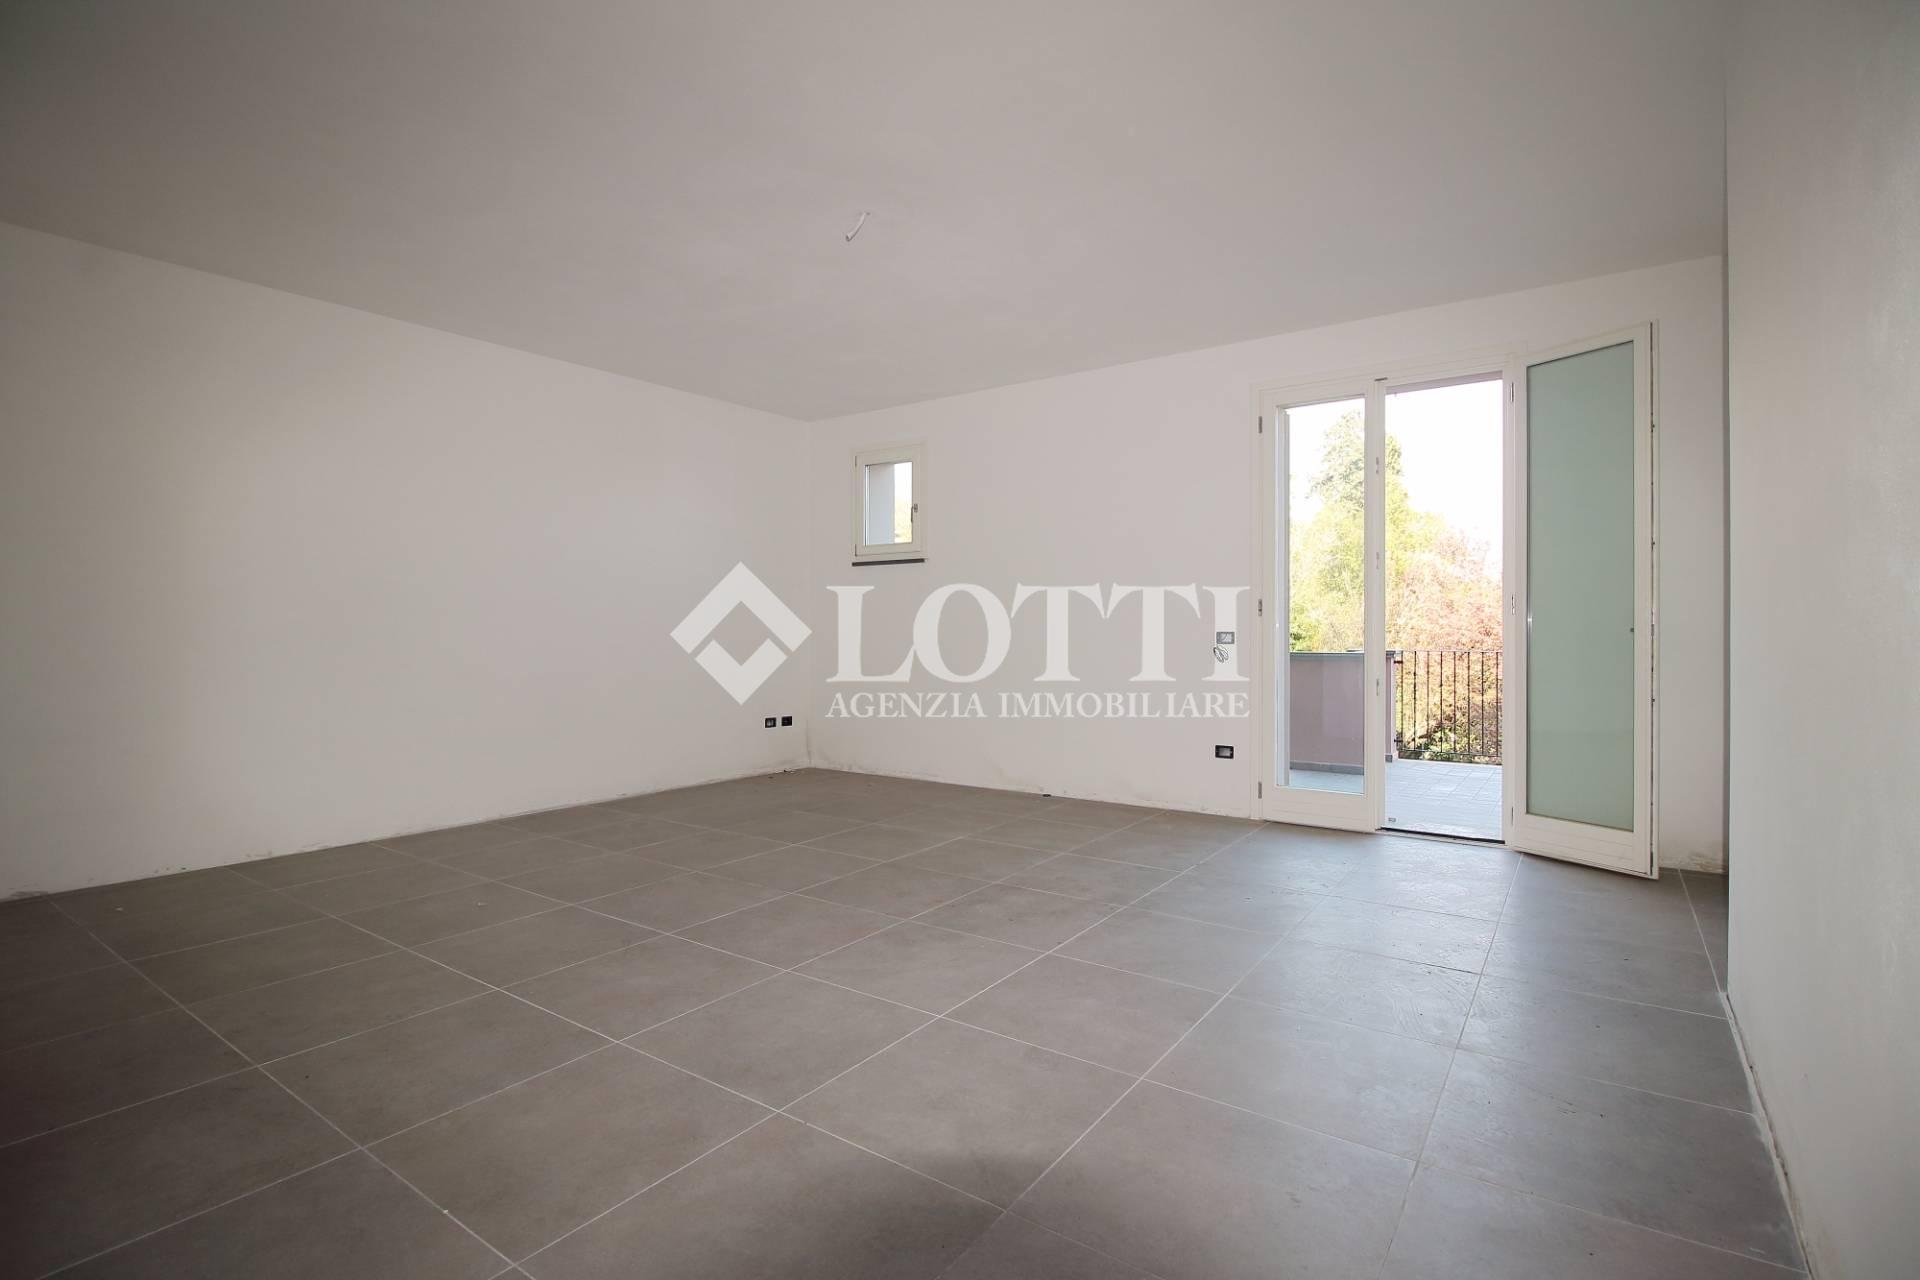 Appartamento in vendita, rif. 99-D